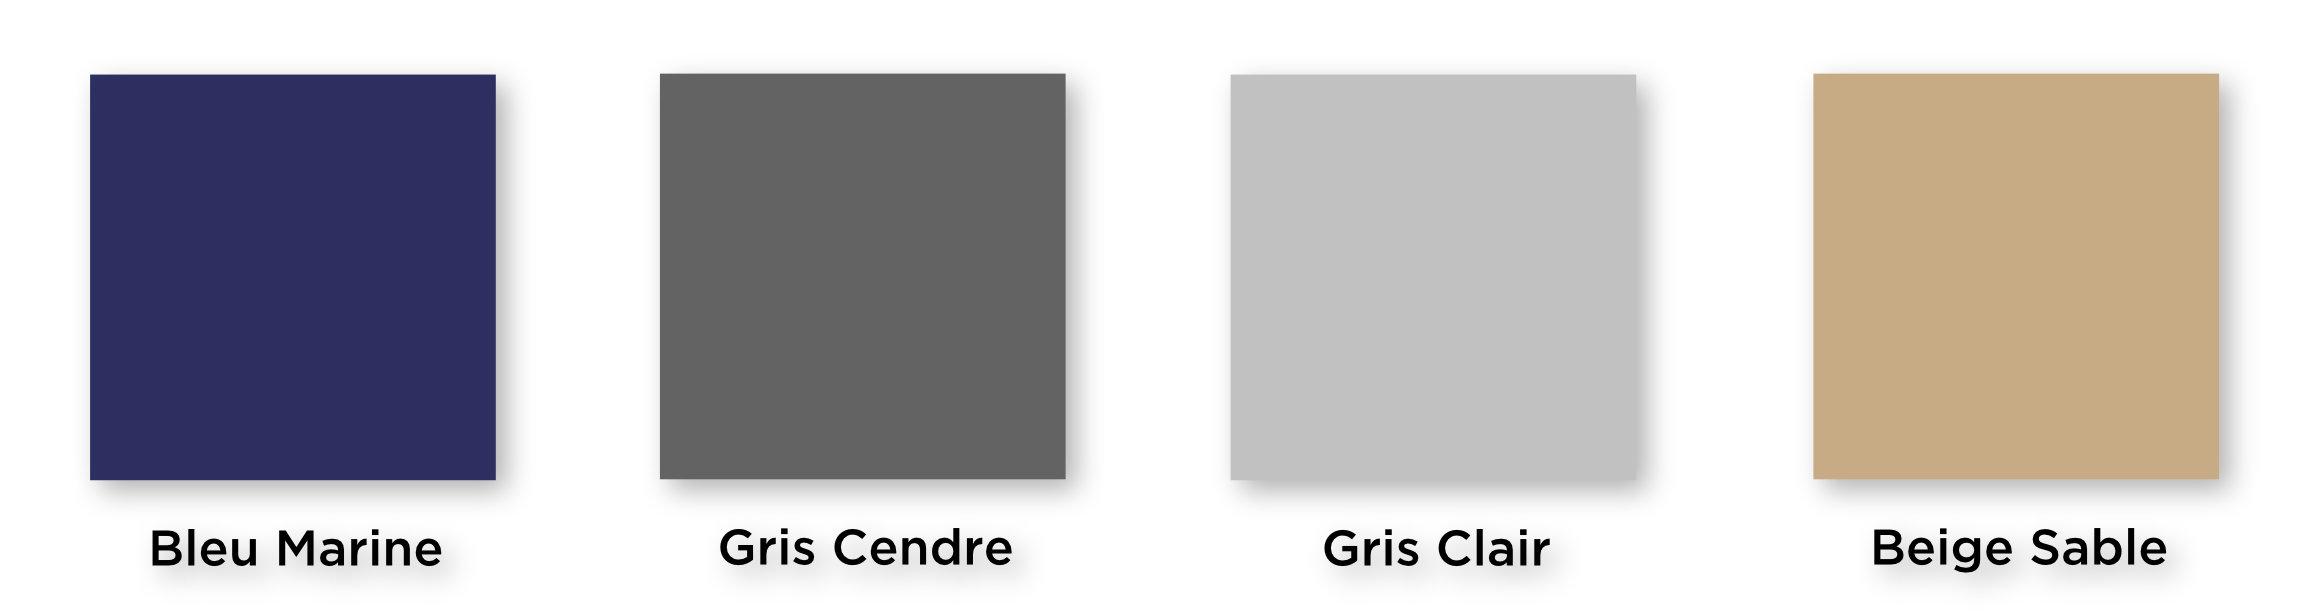 choisir une couleur de chemise